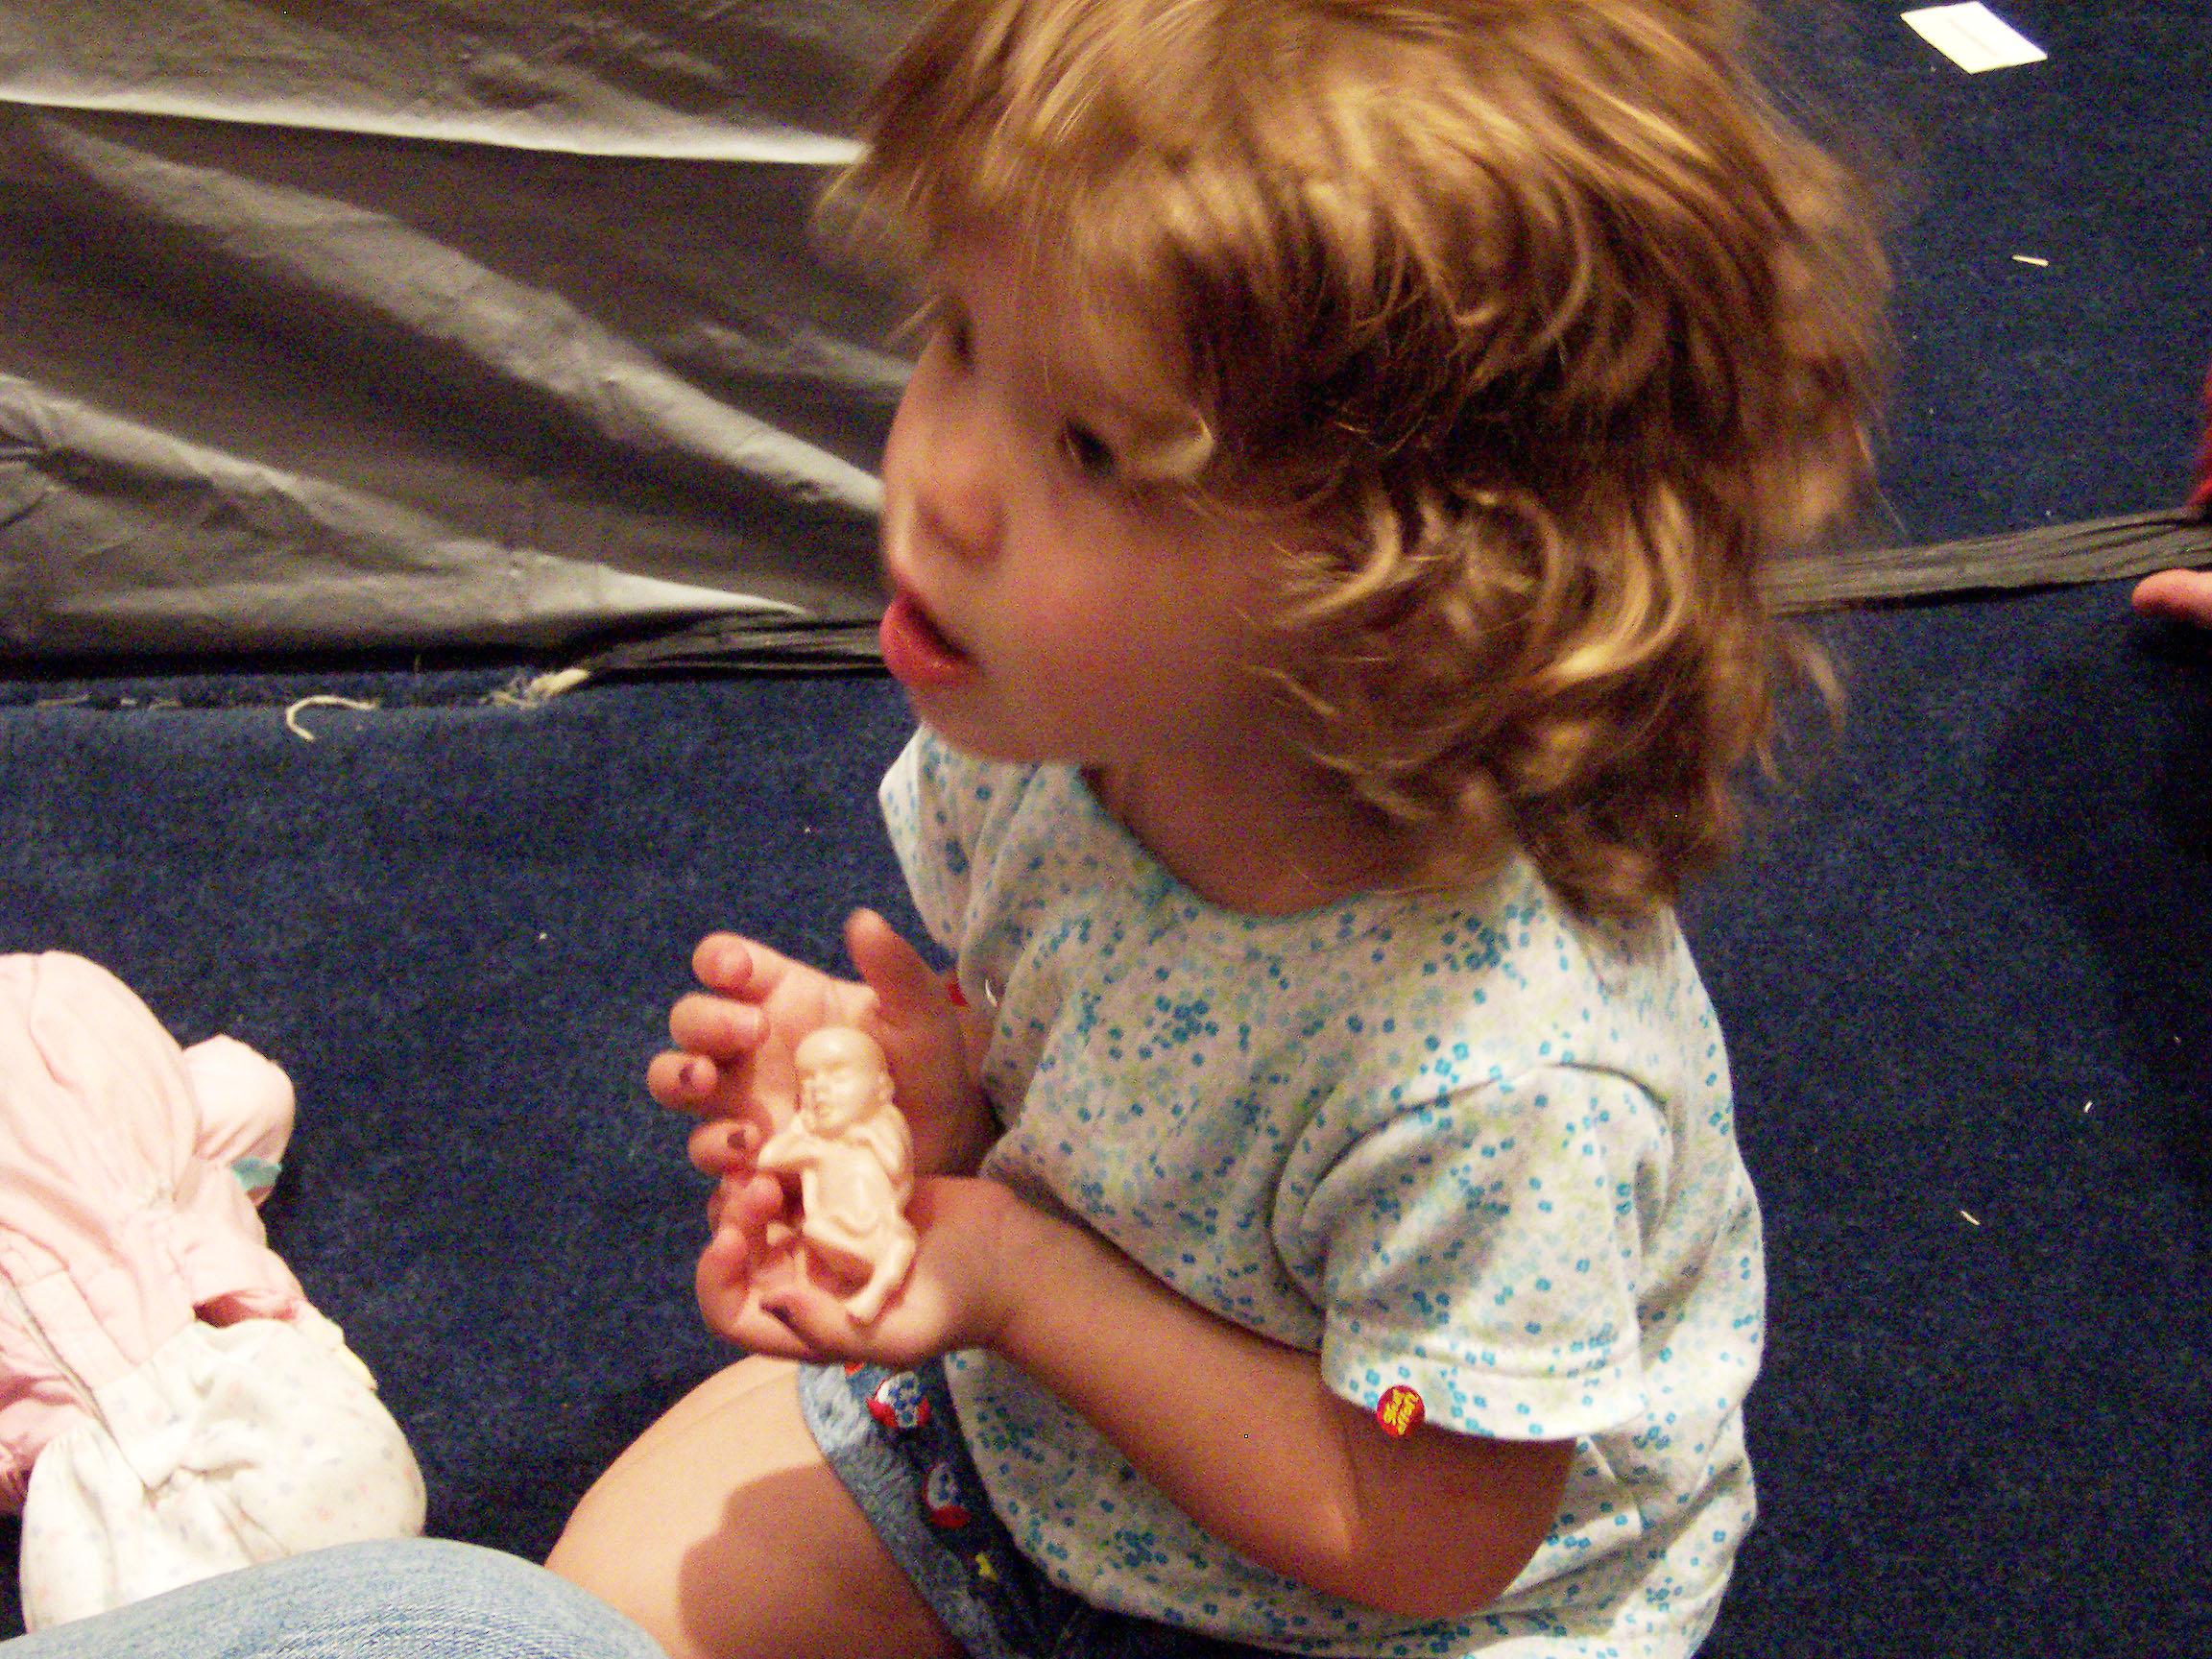 preschooler with plastic fetus